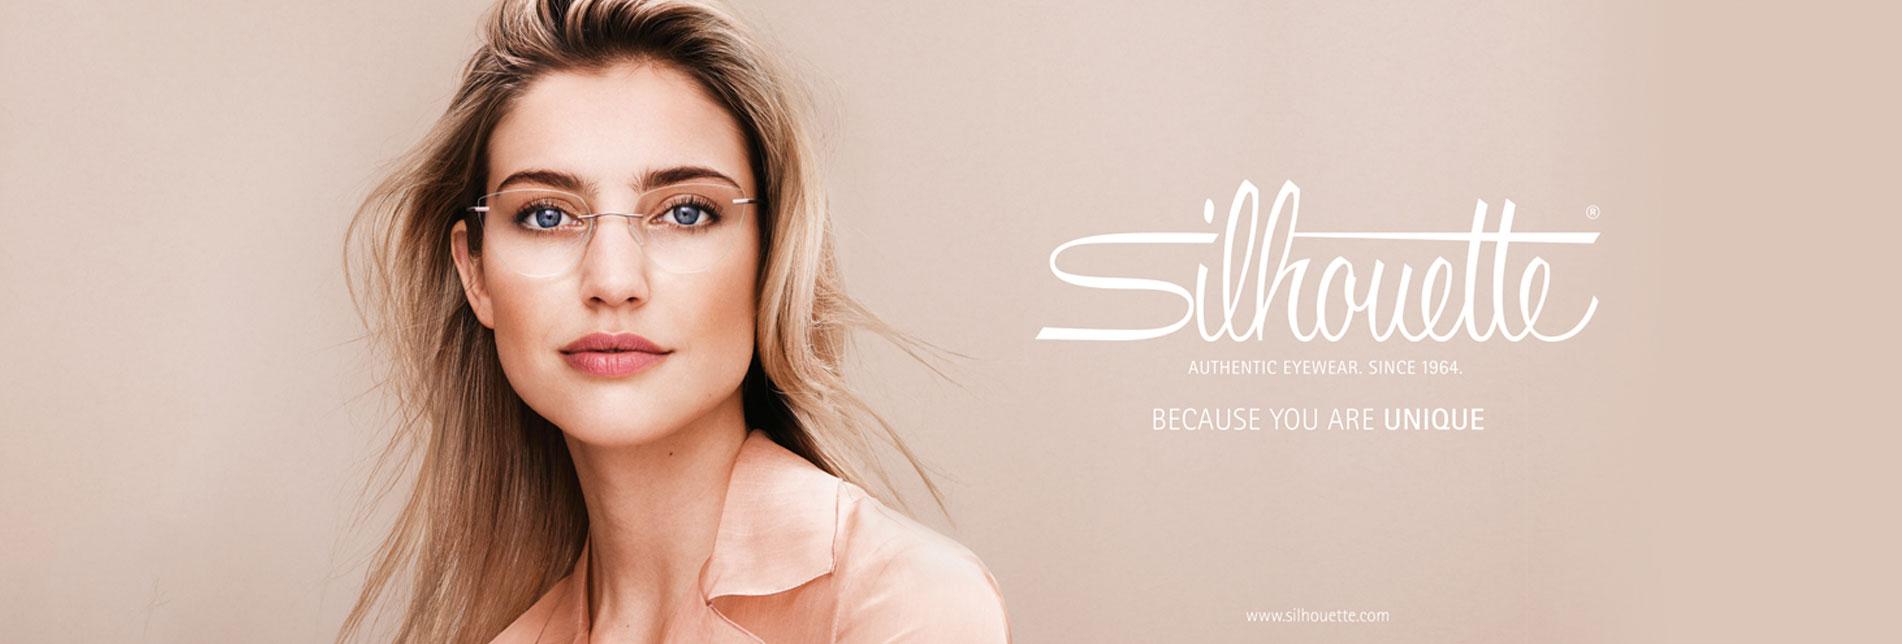 blog-silhouette-banner